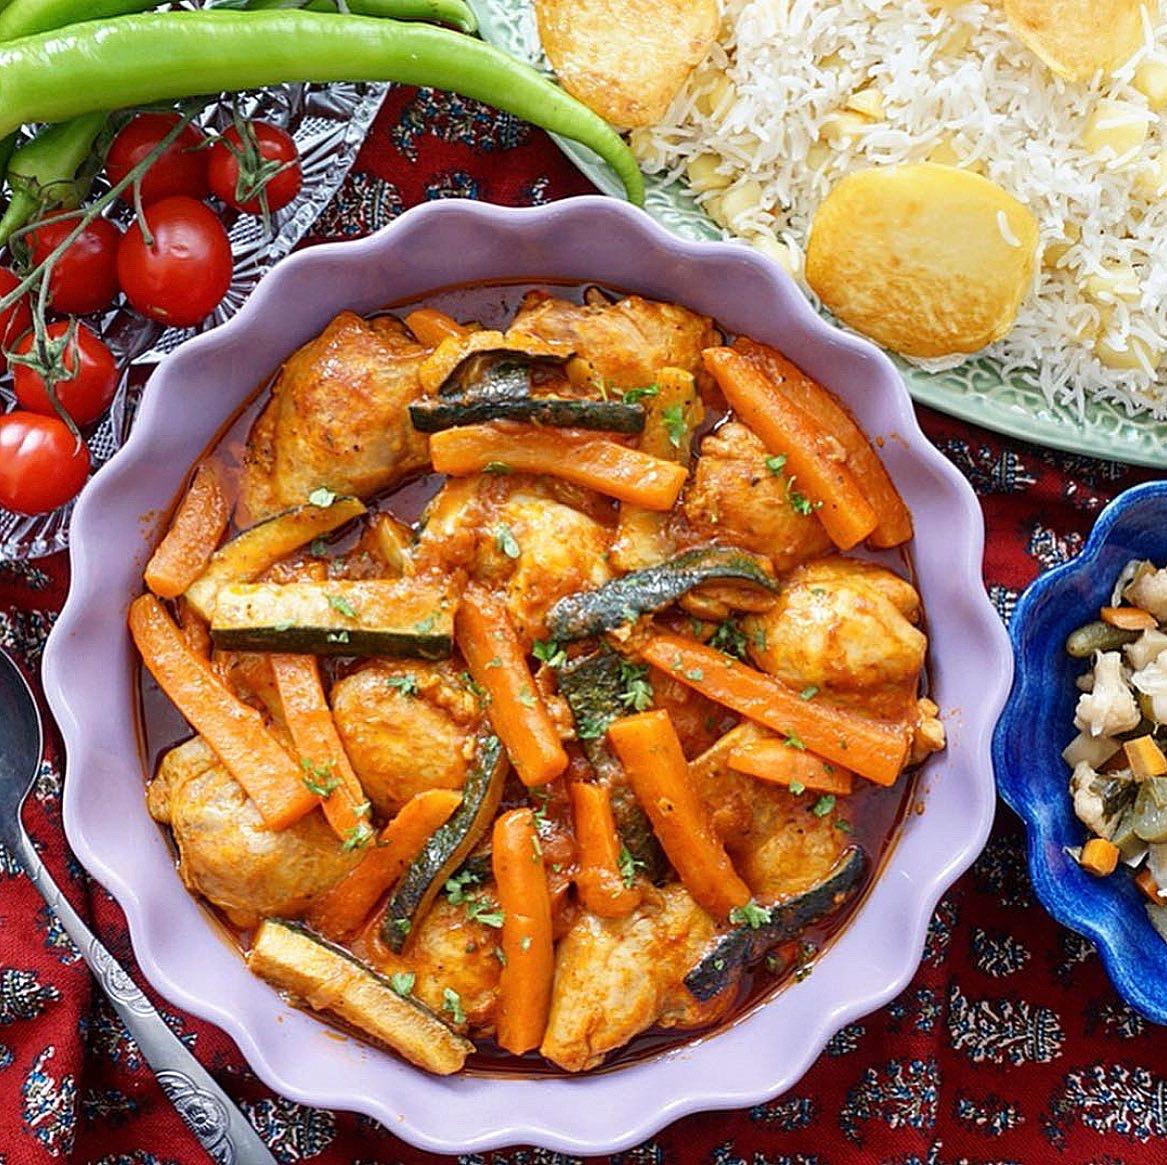 Kyckling med morötter och zucchini med smak av kanel